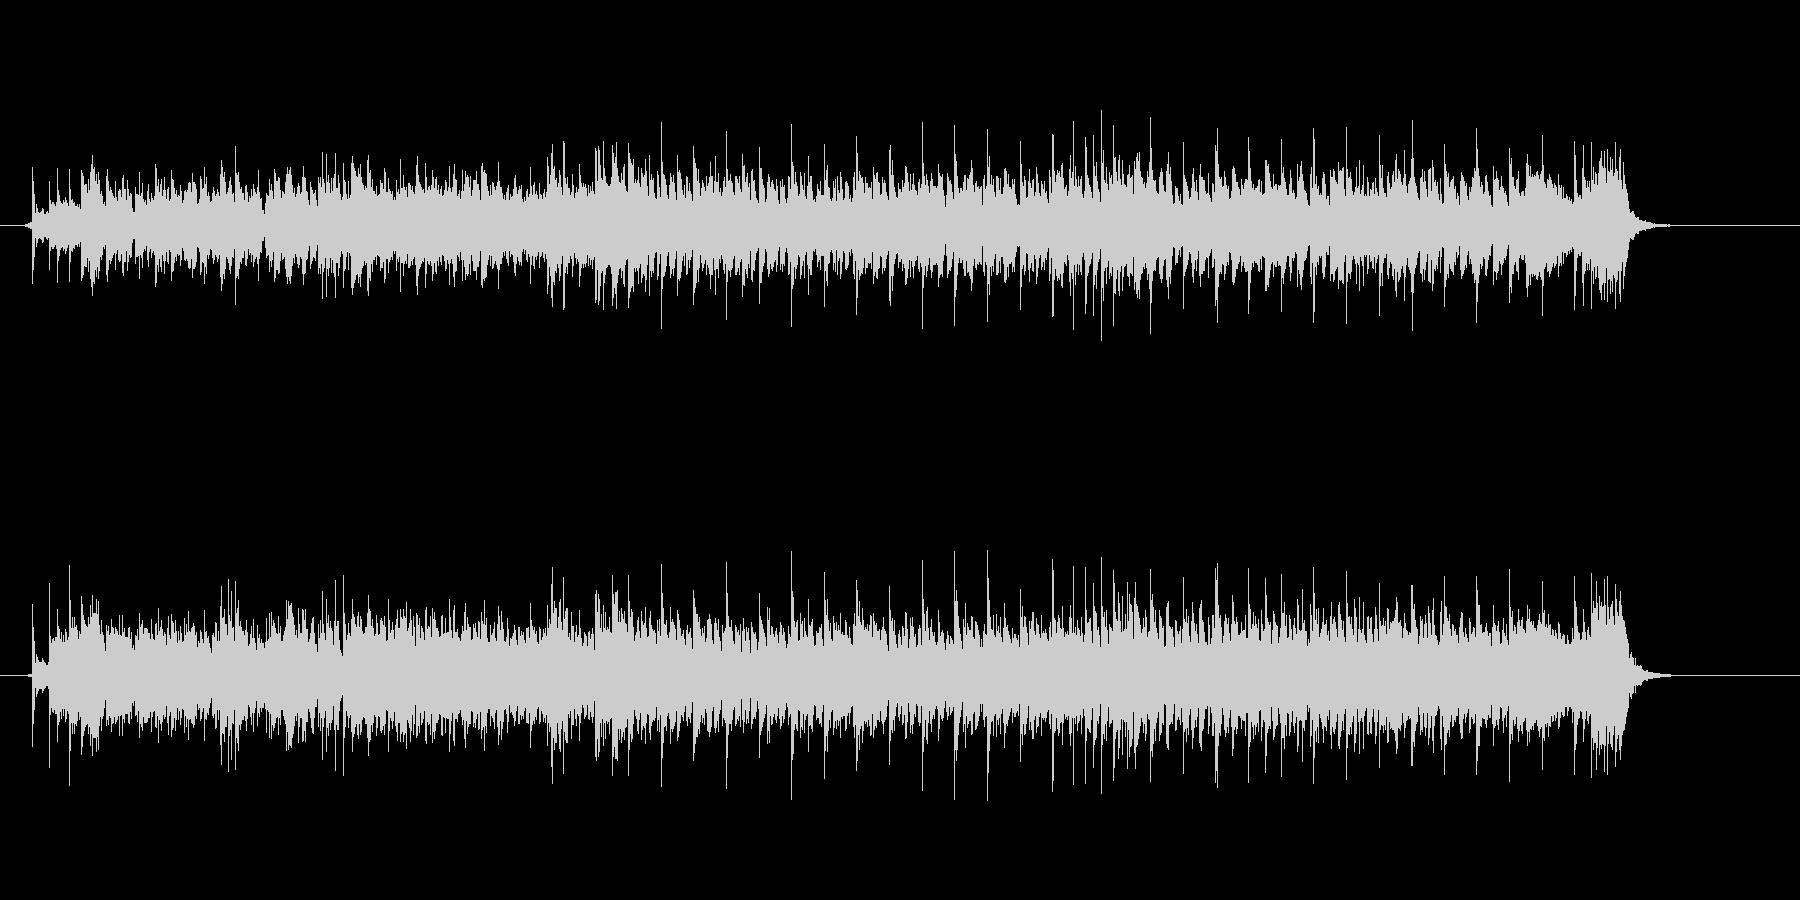 エレクトリック・ハード・ロックの未再生の波形